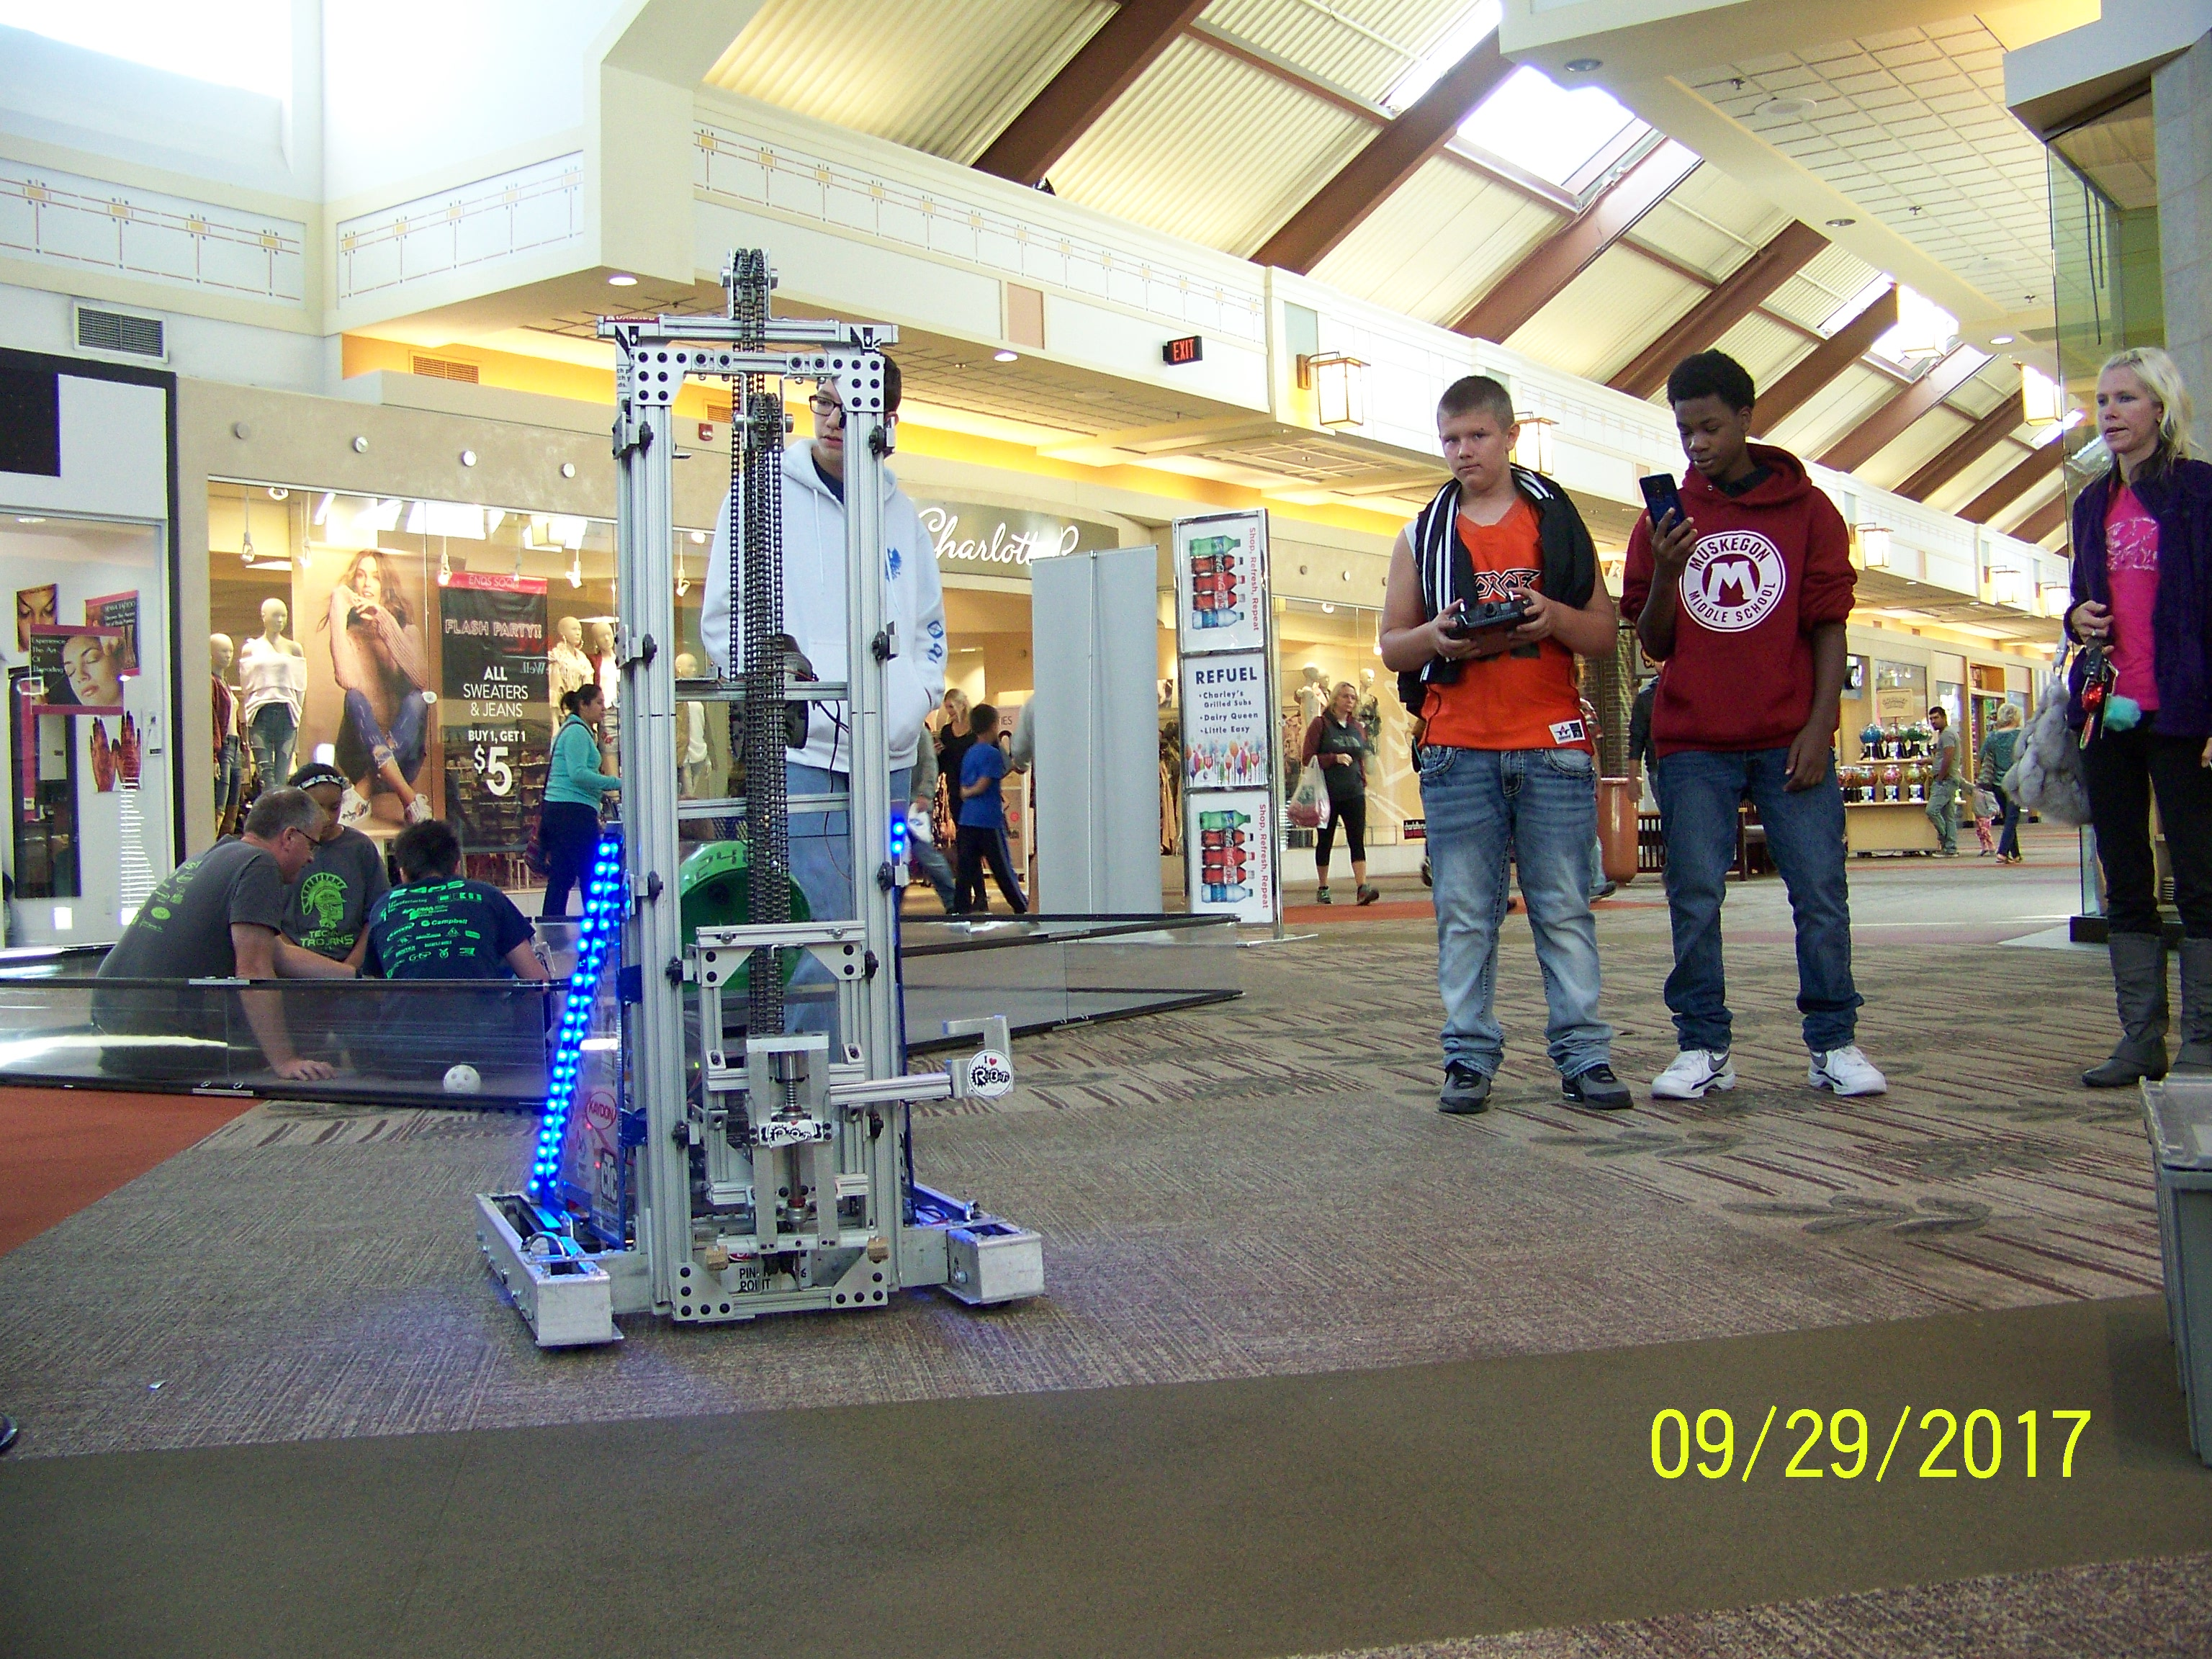 Photo of robots at Robo-Con